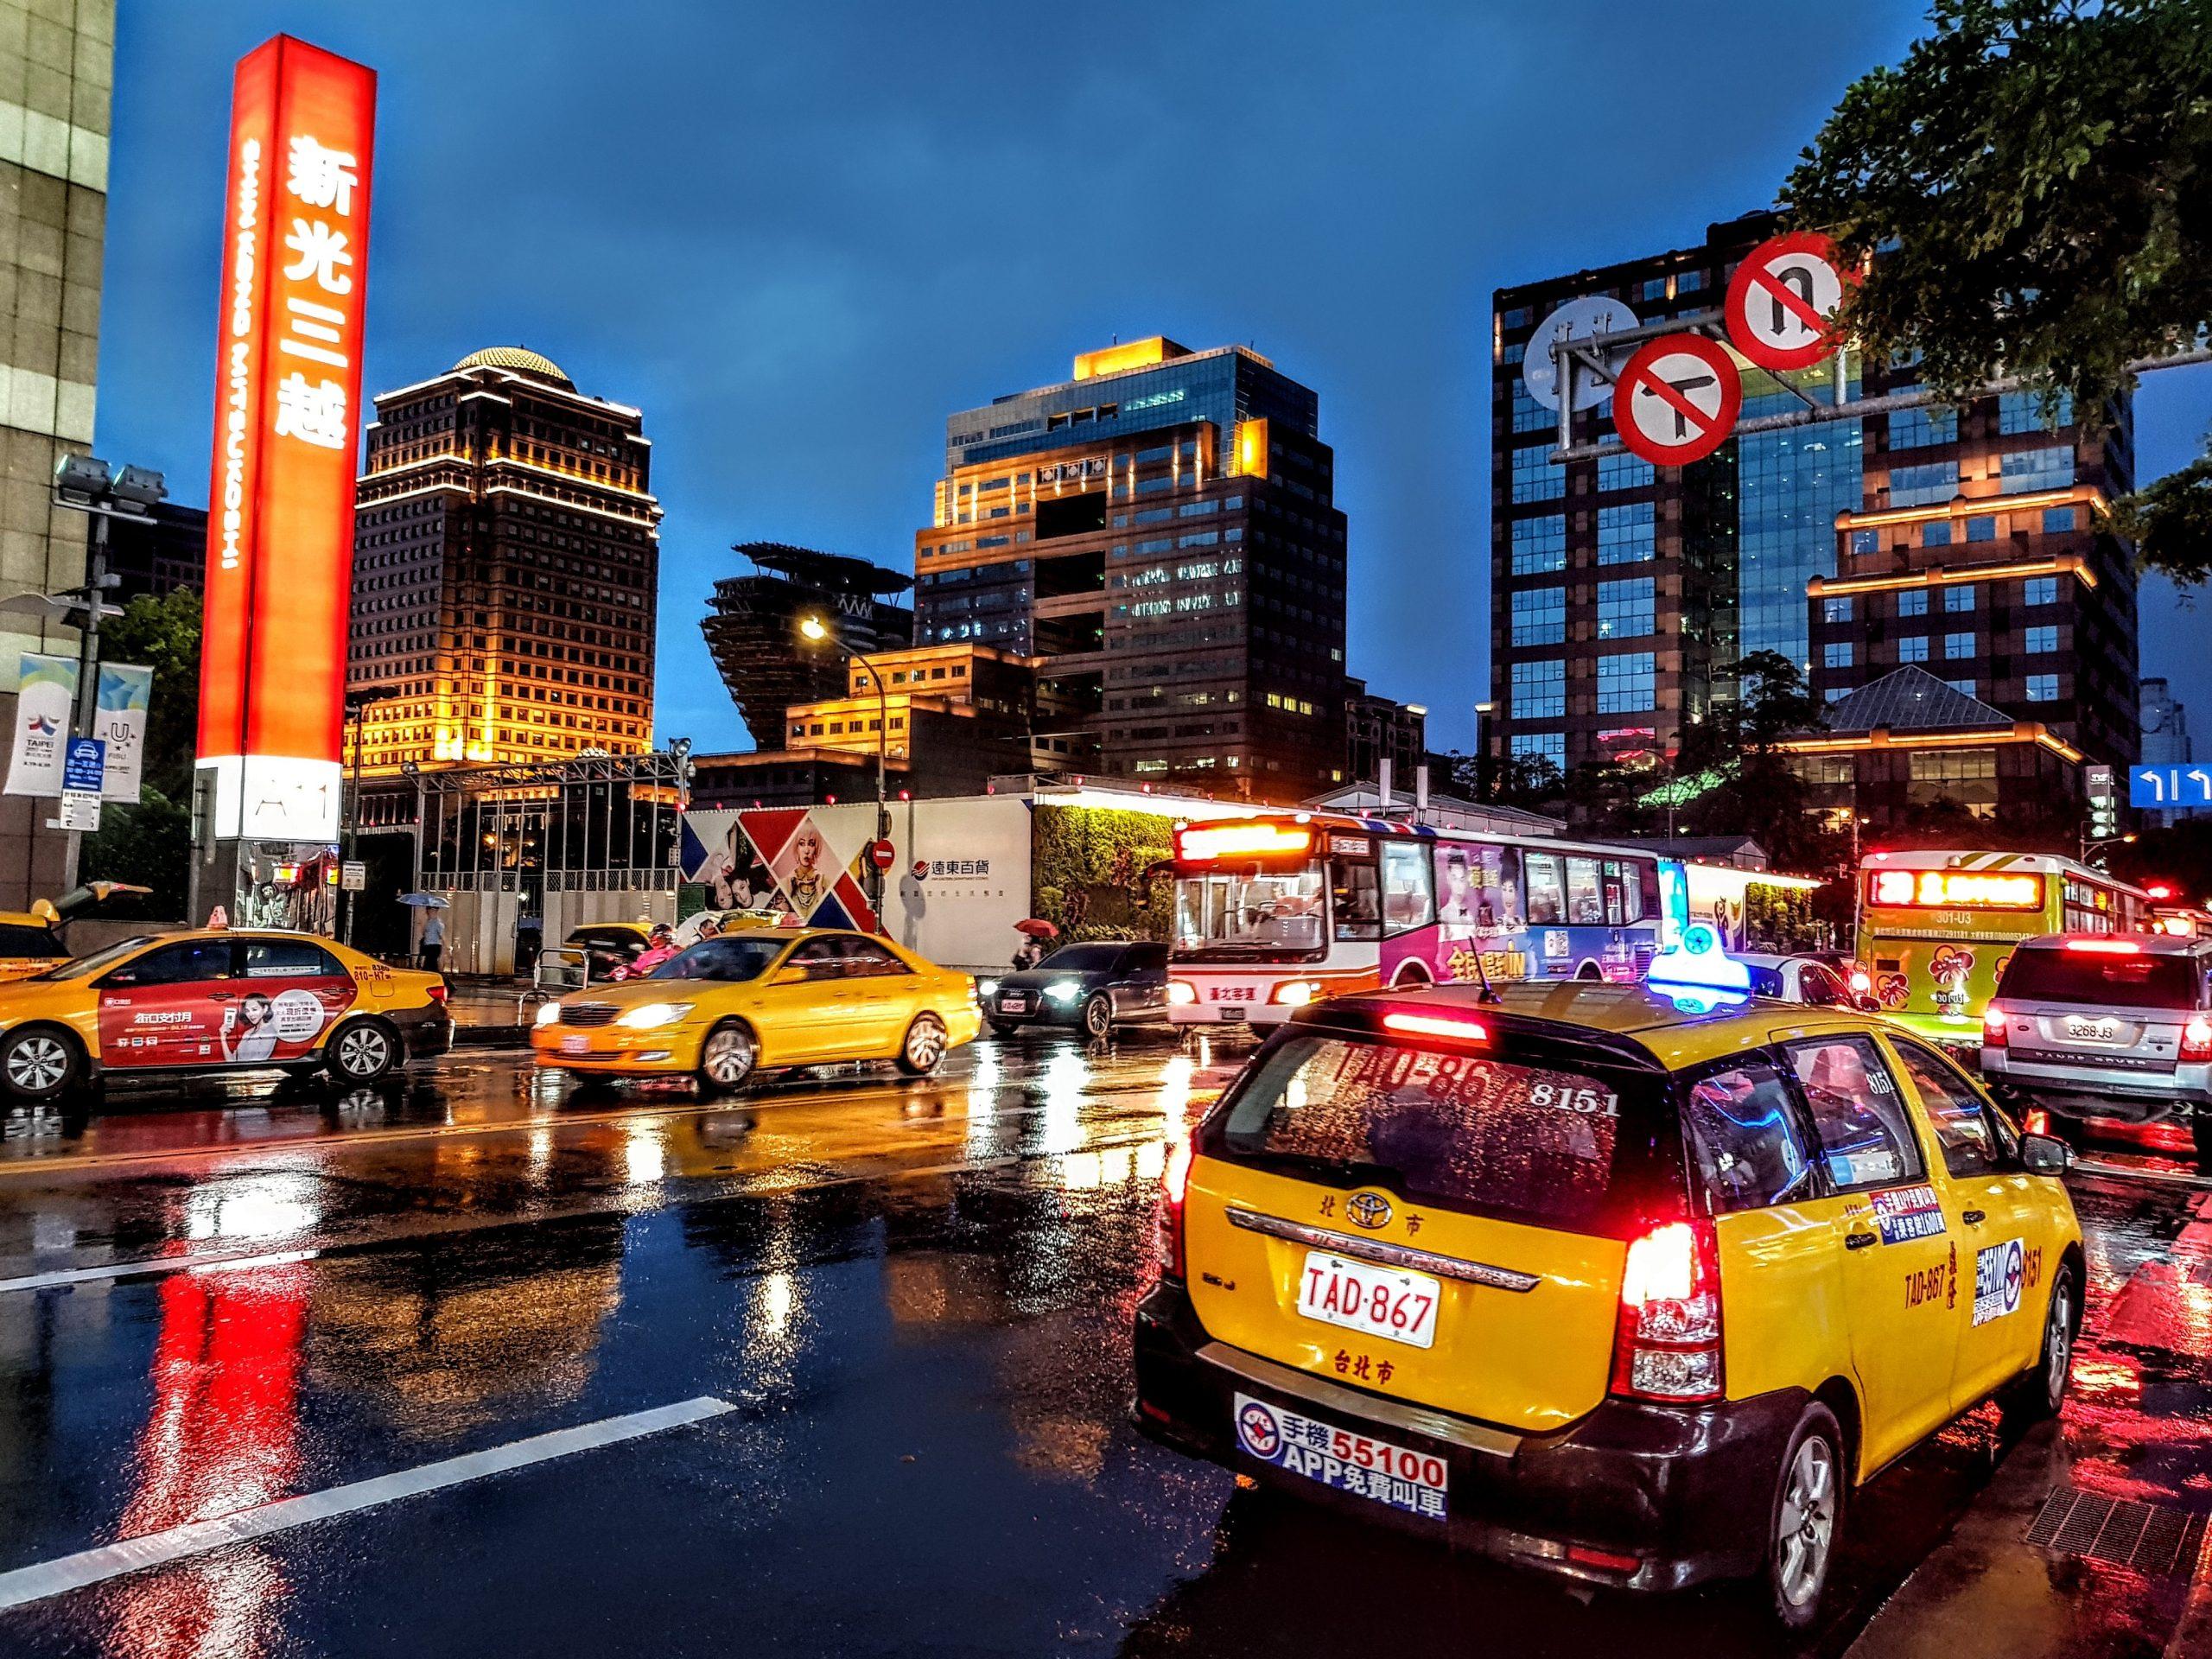 imagenes de coches con pegatinas en ciudad